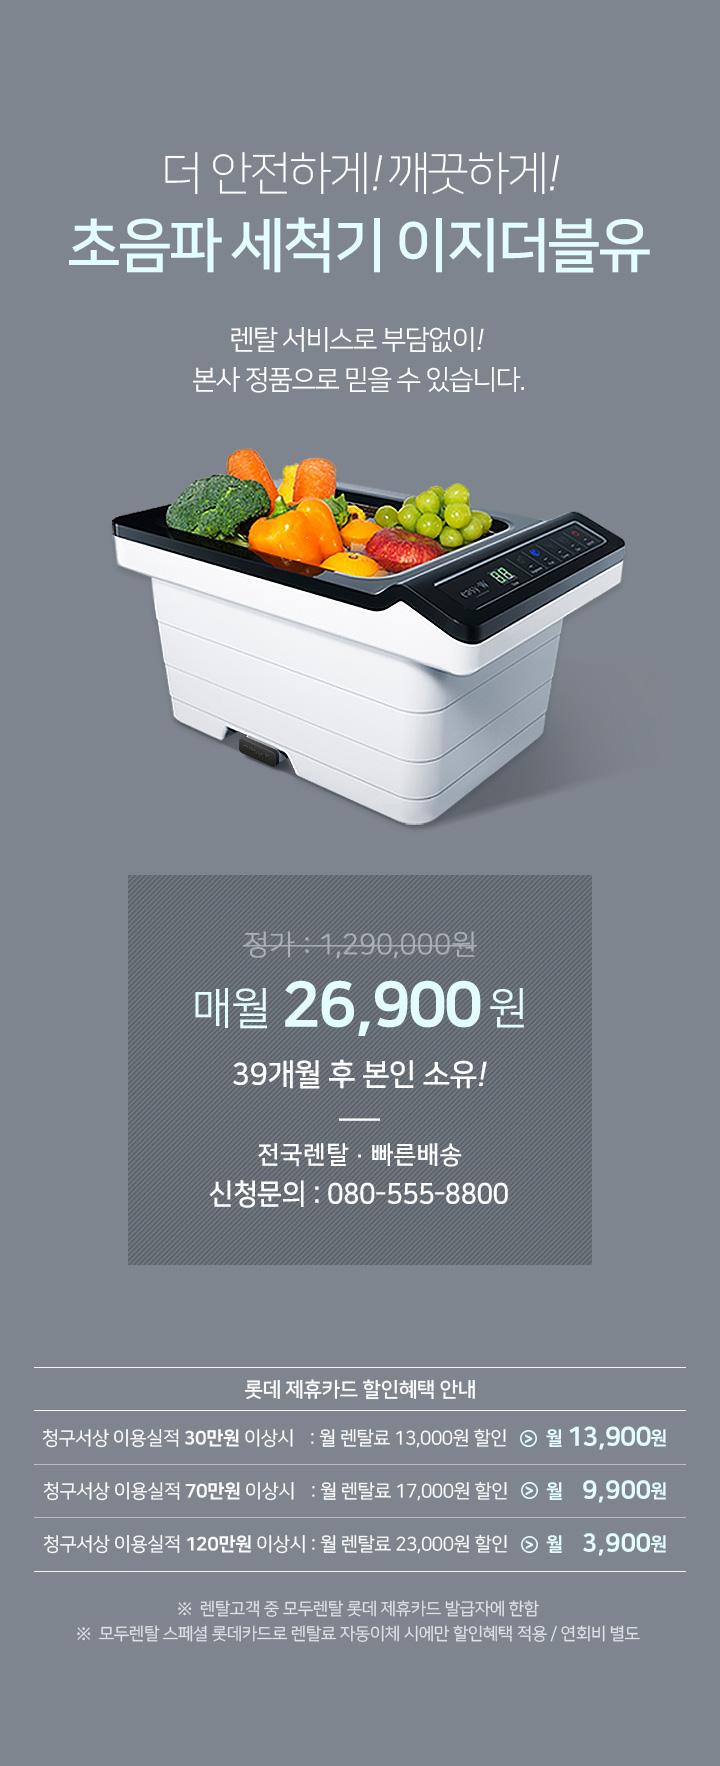 매월 26,900원 39개월 후 본인 소유!